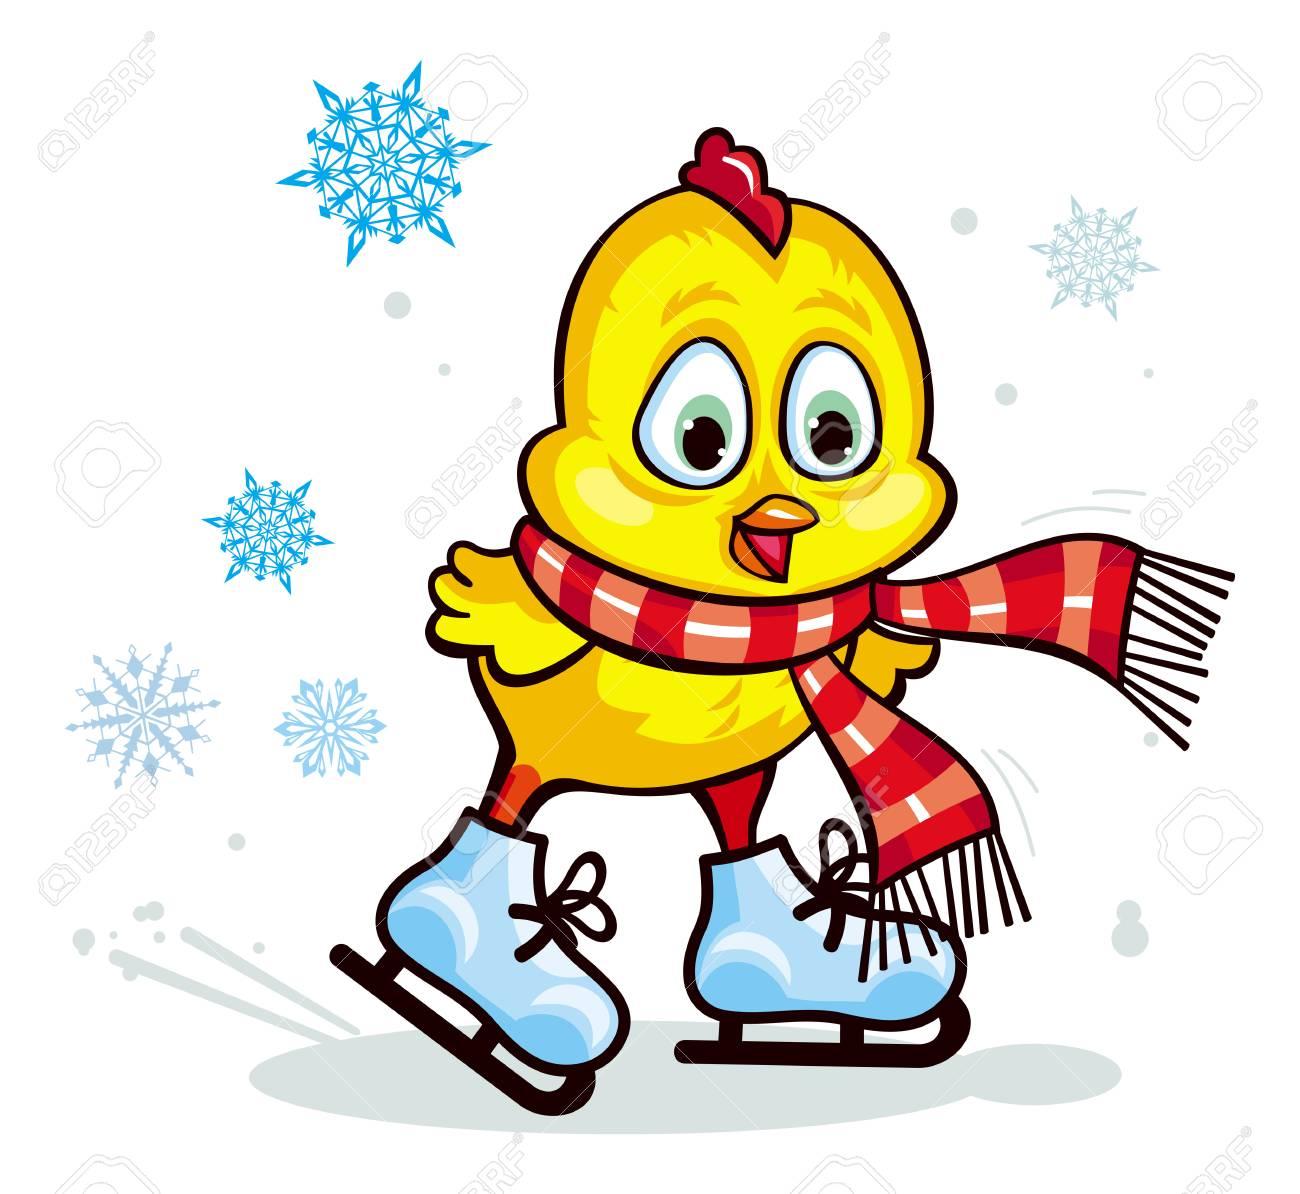 ストライプ スカーフ アイス スケートのかわいい鶏冬の休日の図